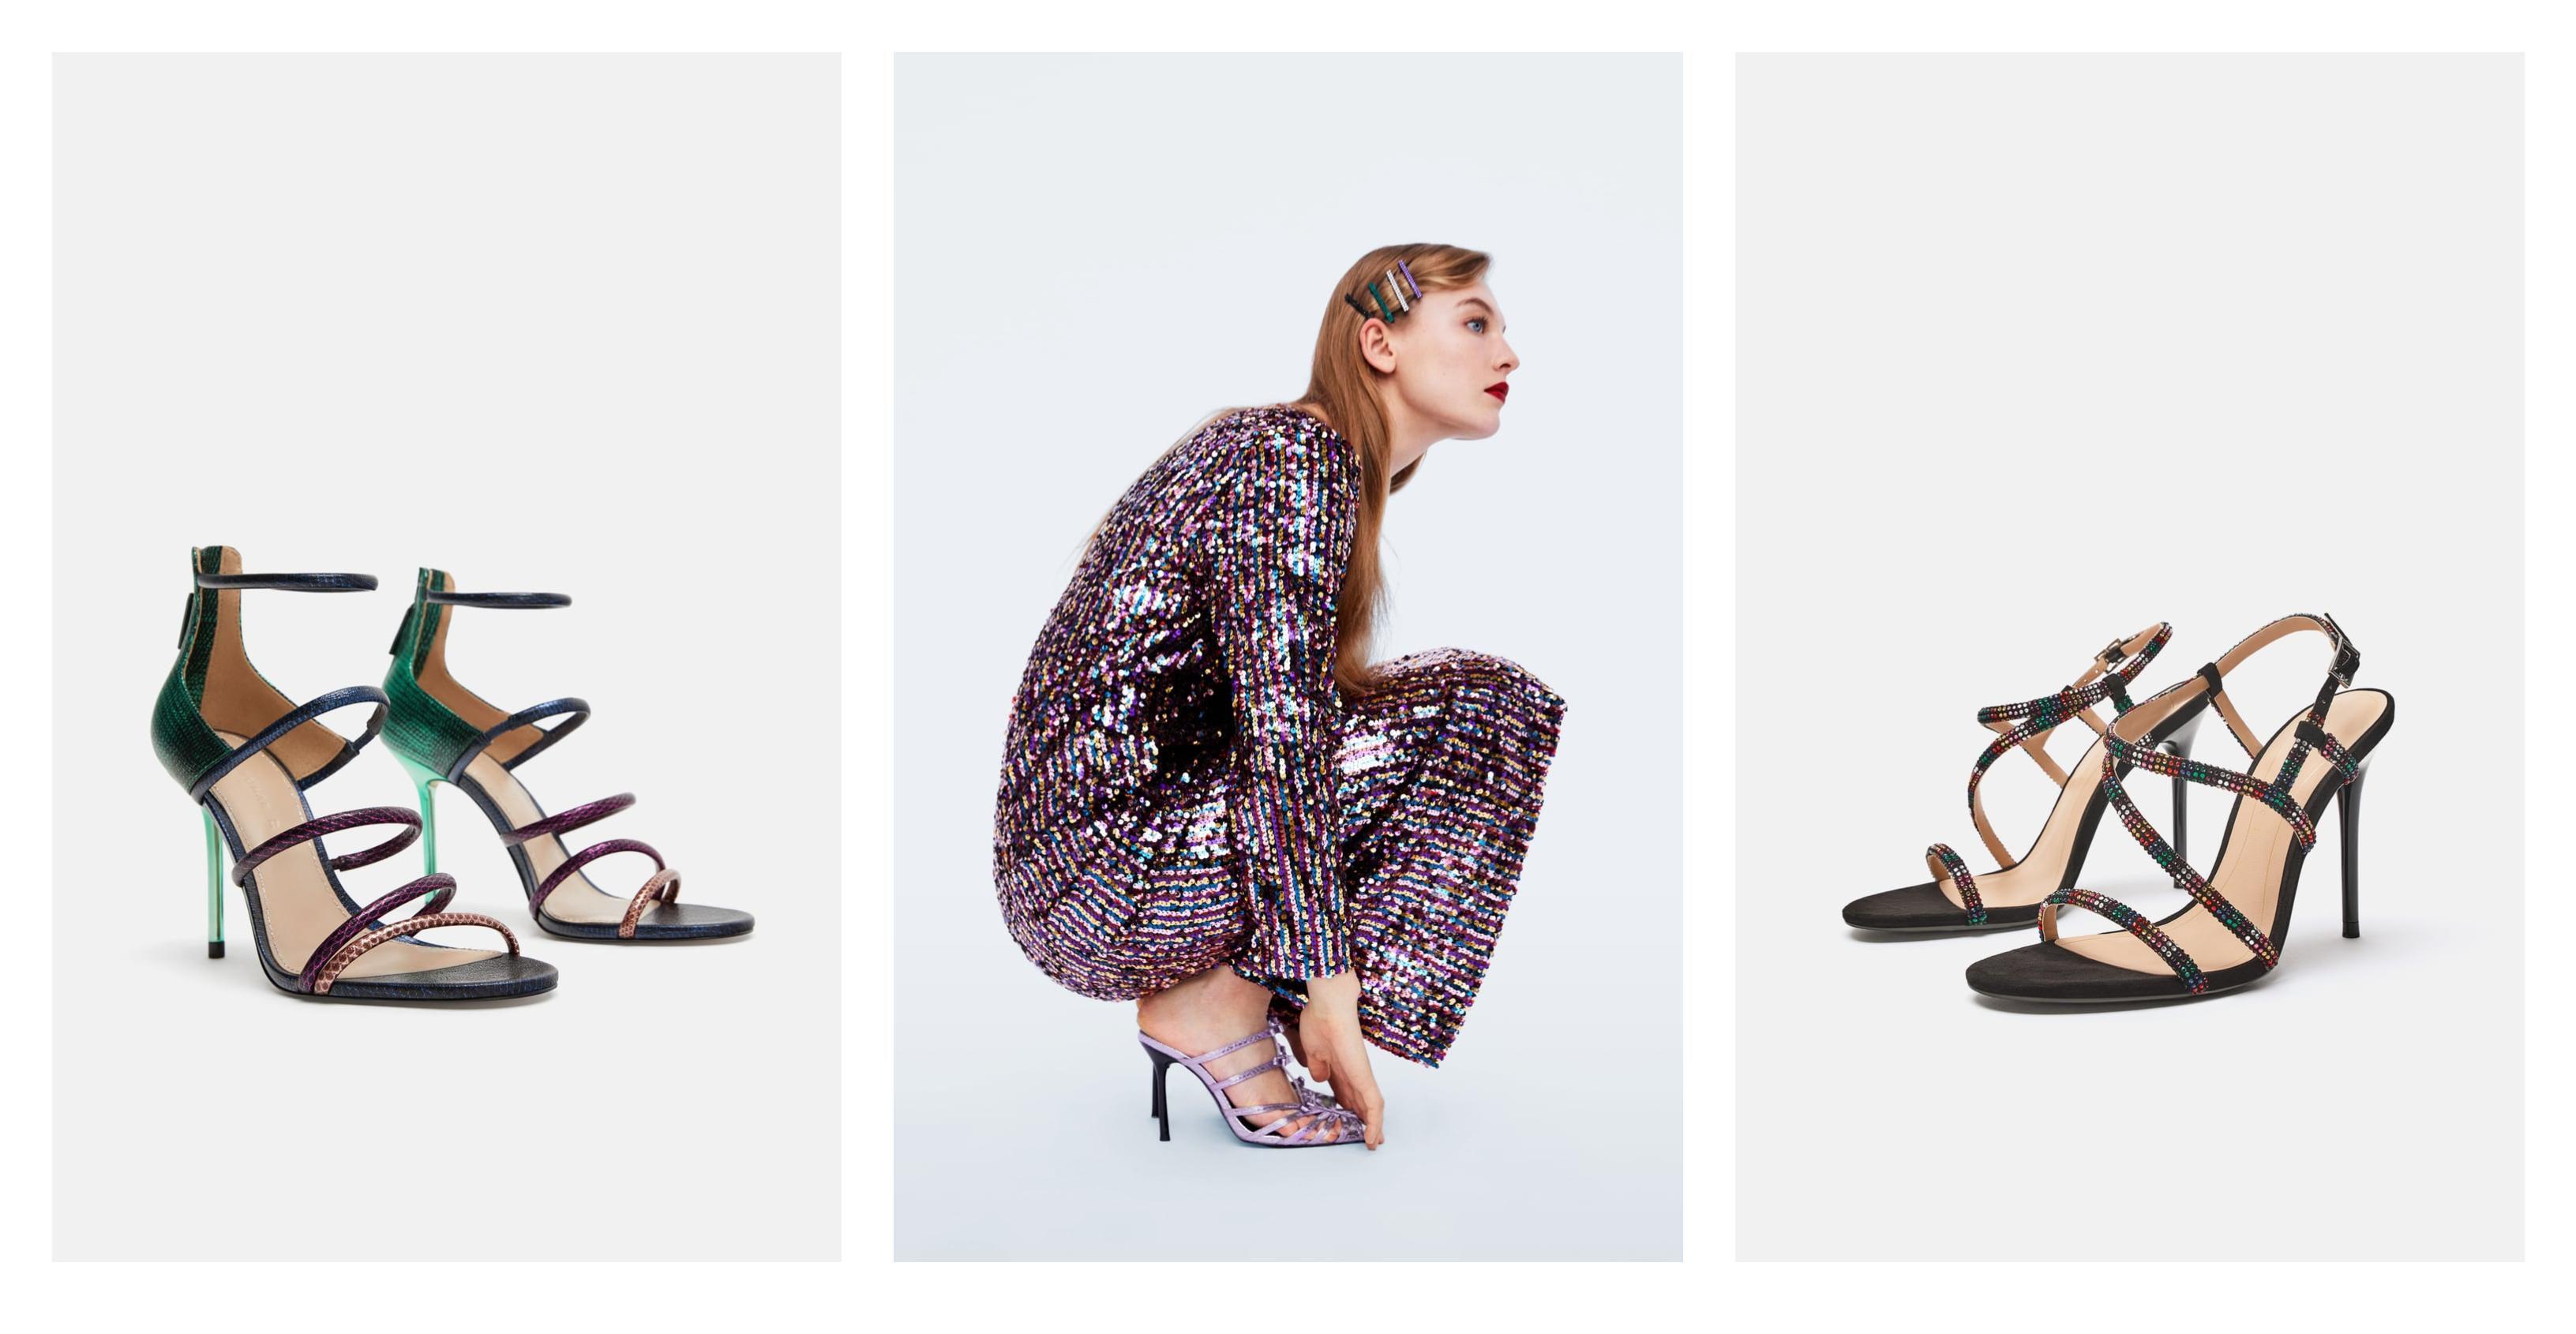 Jeste spremne za tulume i domjenke? Odabrali smo najljepše cipele koje će upotpuniti svaki outfit!